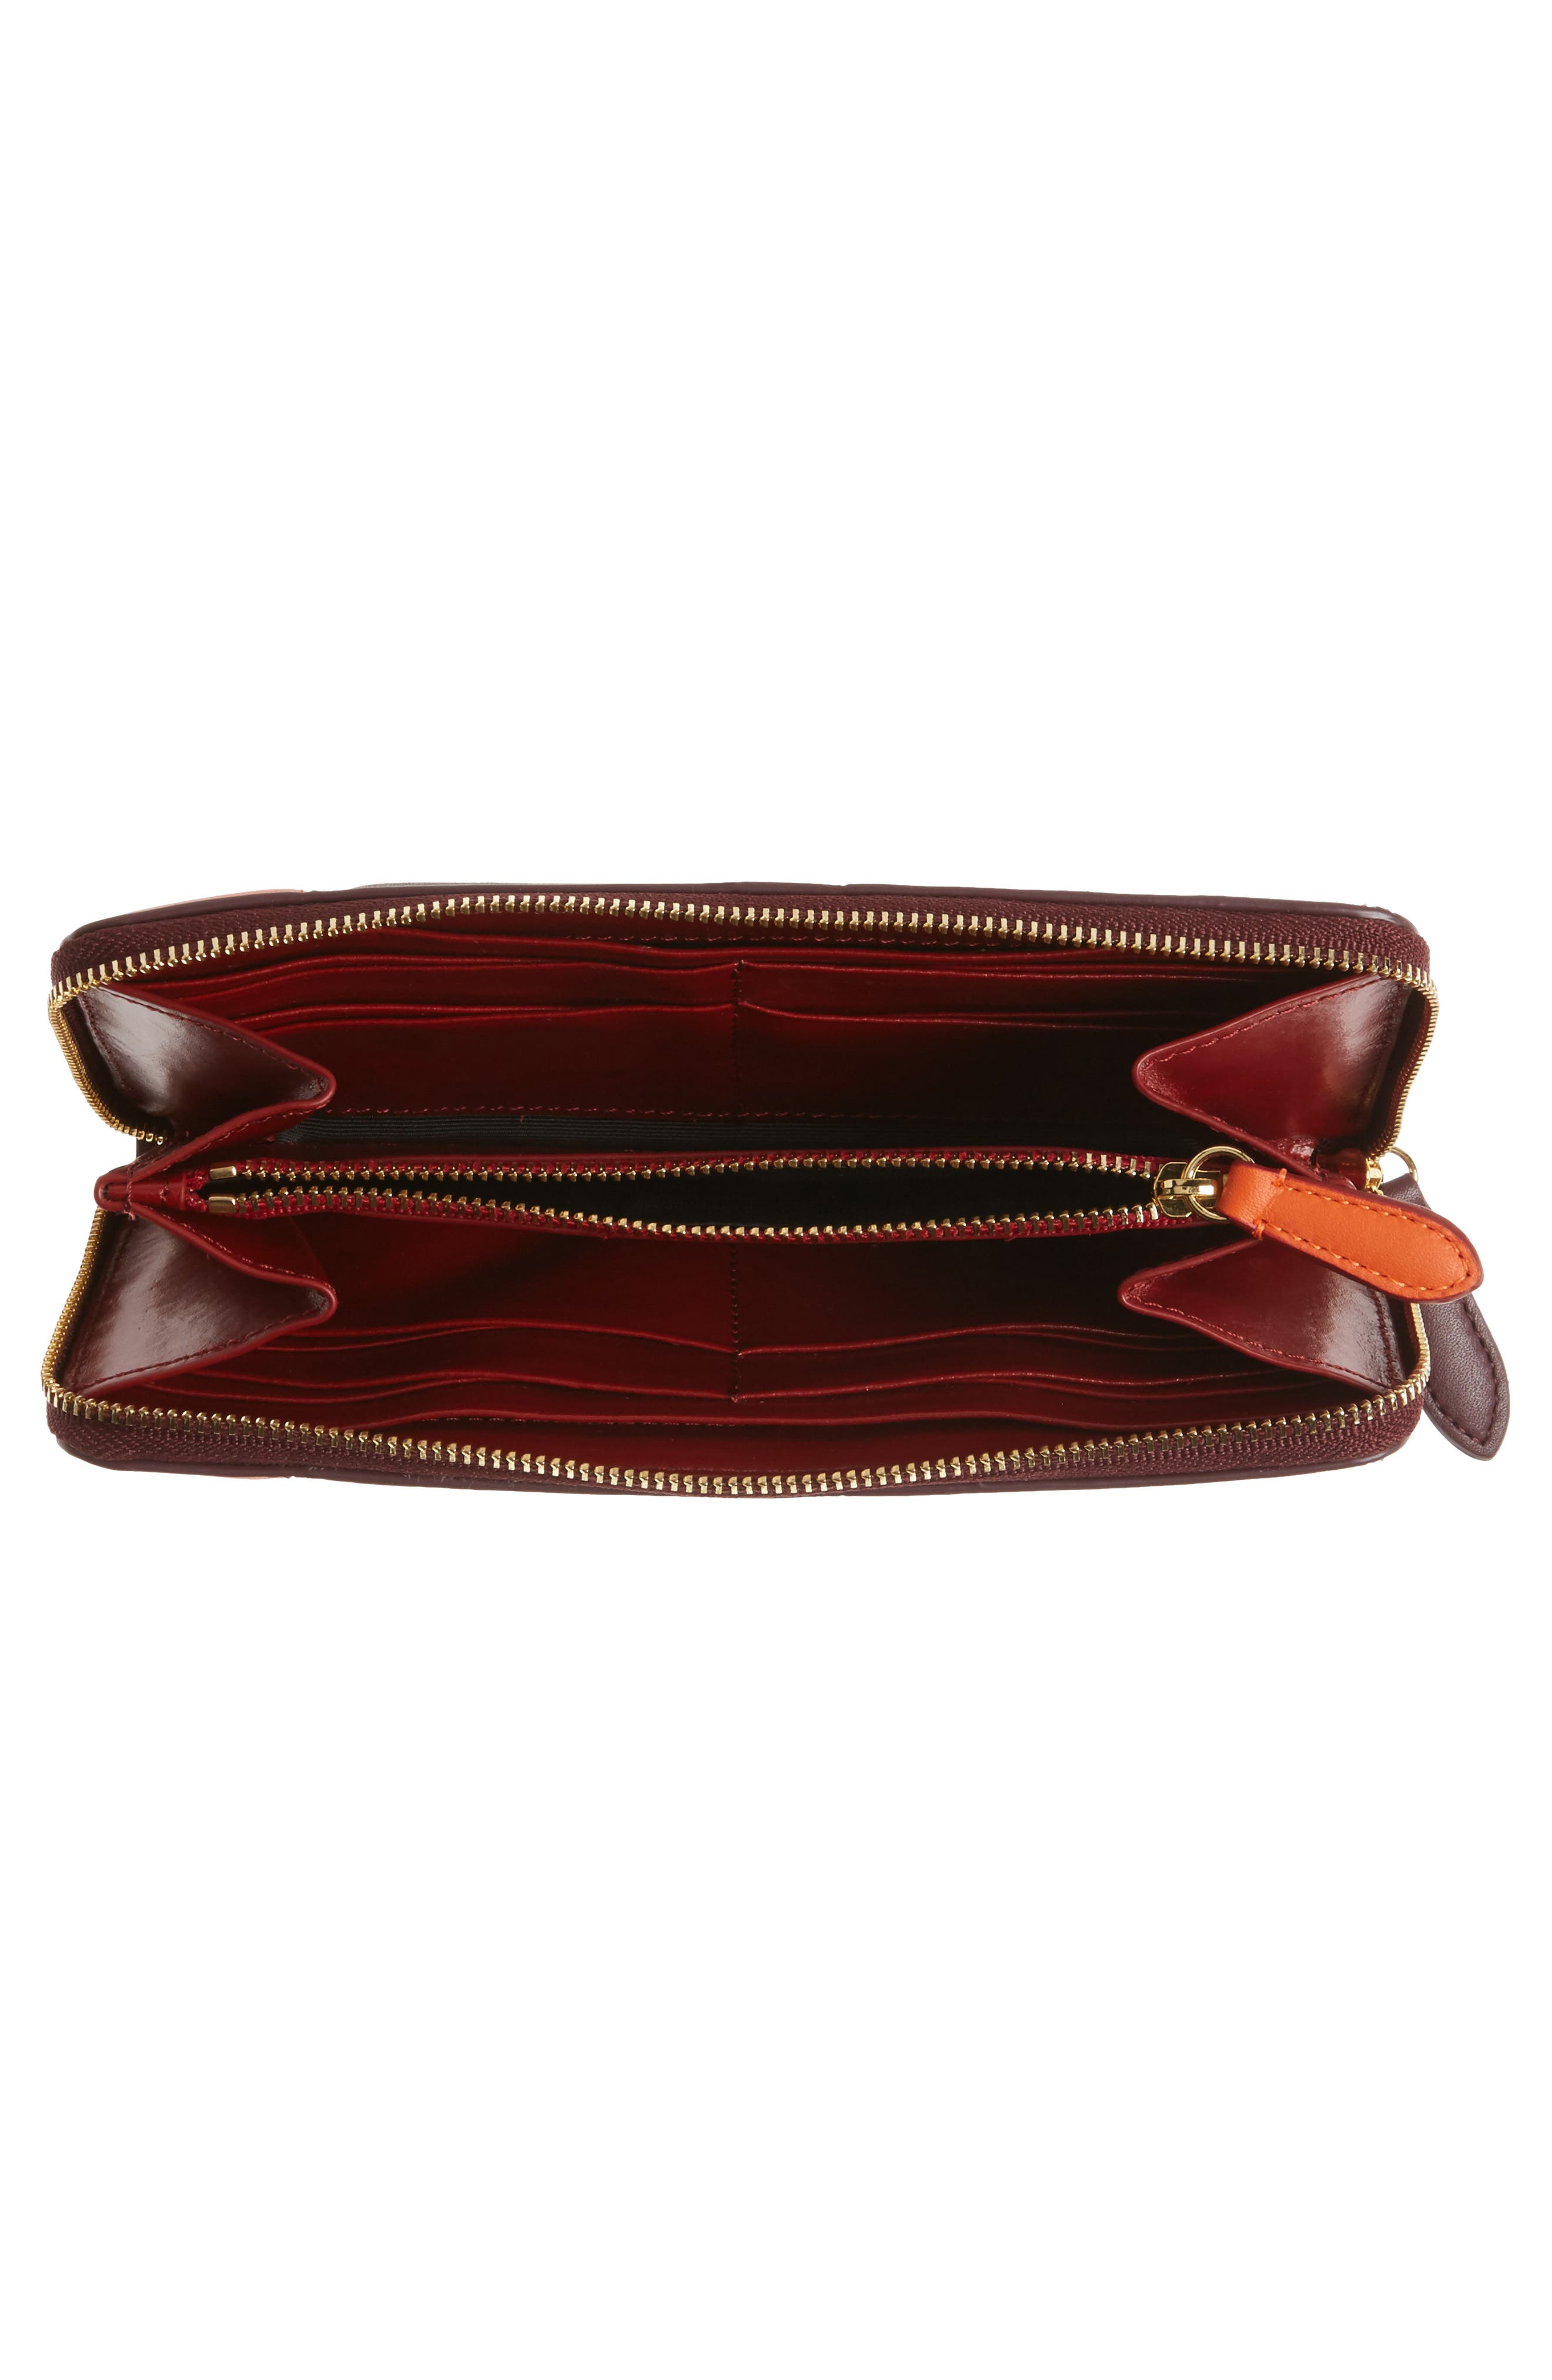 Alternate Image 2  - Diane von Furstenberg Colorblock Leather Continental Wallet